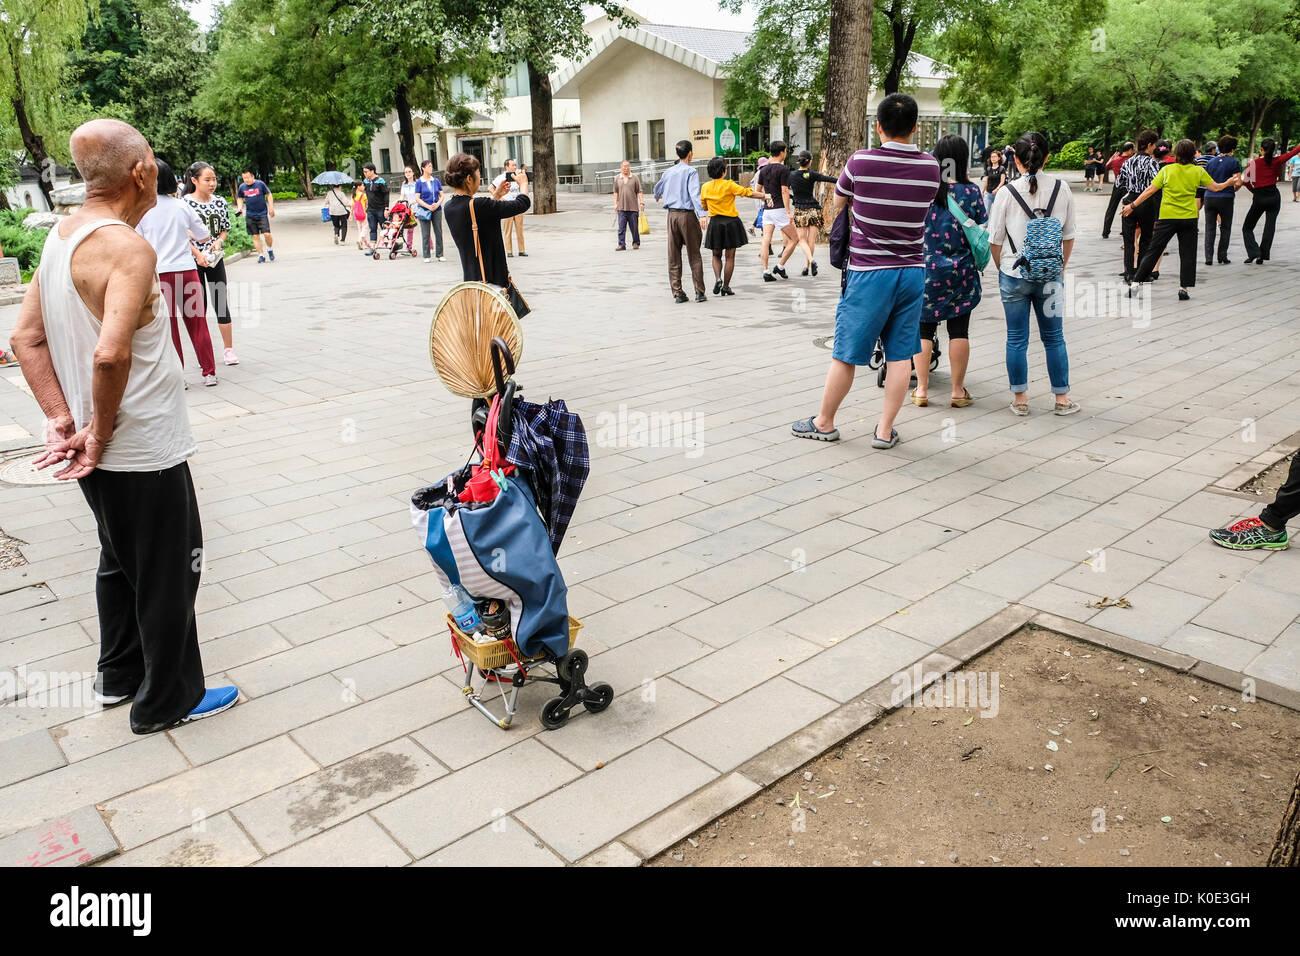 Les hommes et les femmes retraités chinois pratiquant la danse latine à un parc public, avec un homme âgé dans et vieille fashion shirt à la recherche sur. Photo Stock